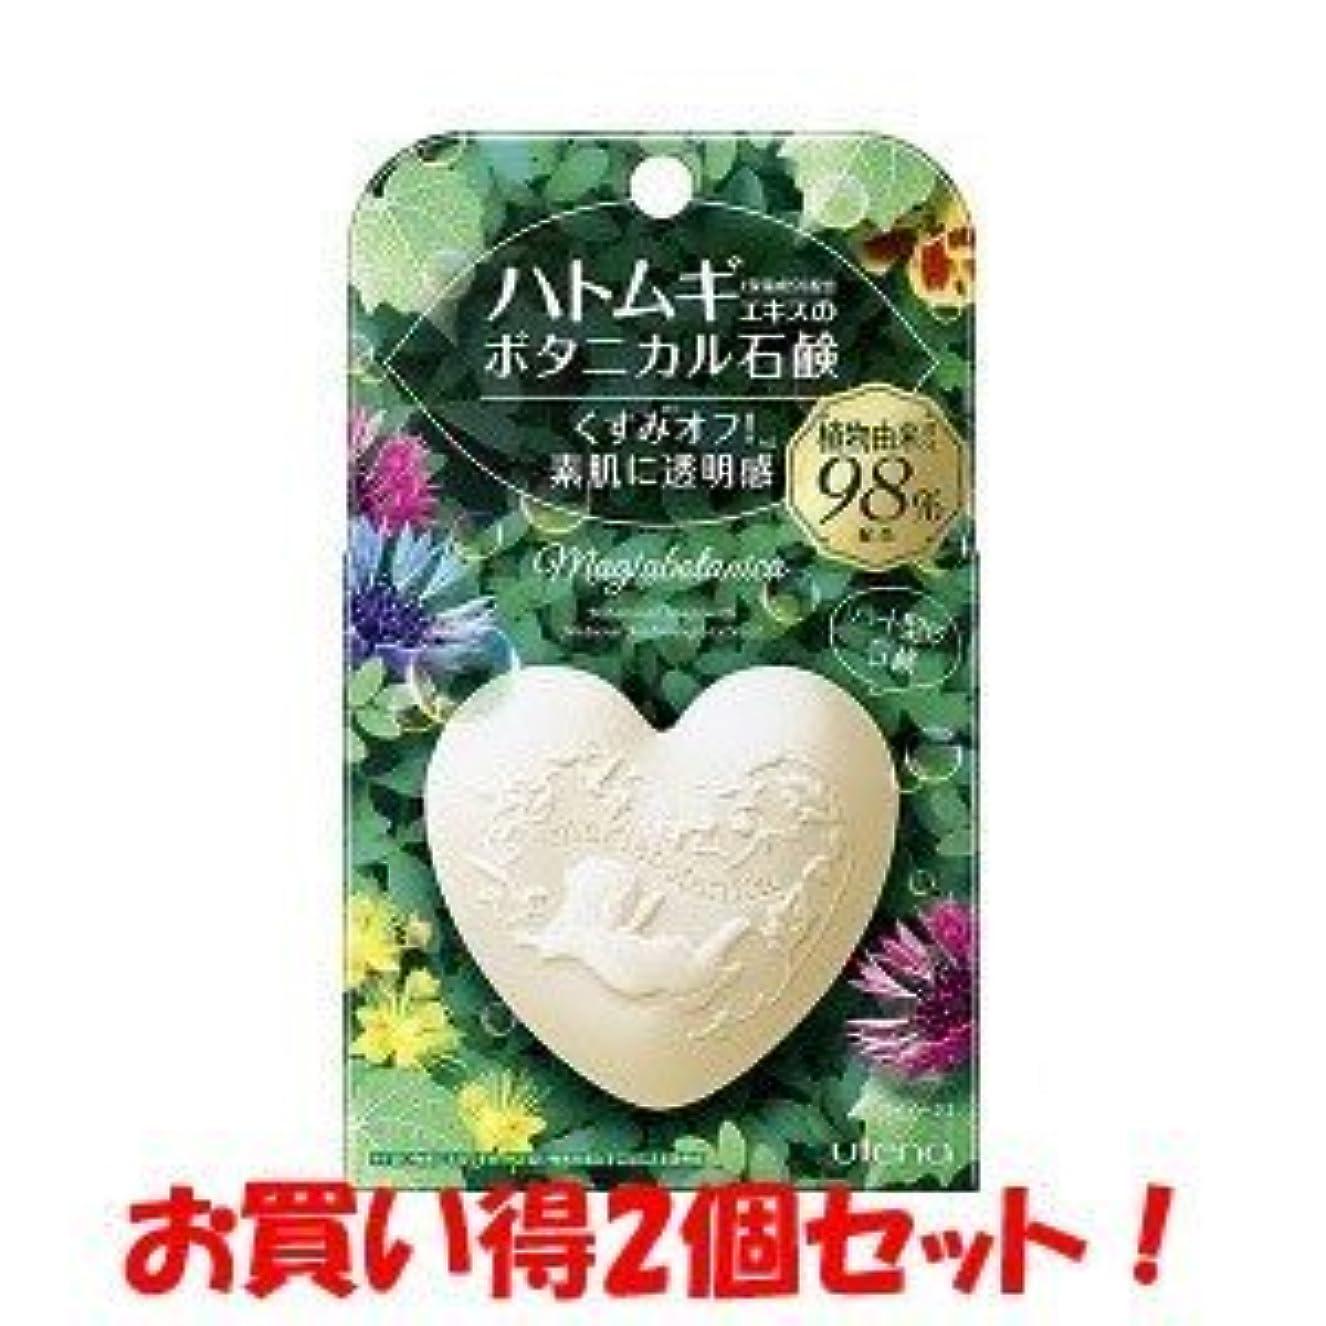 水分教師の日開示する(ウテナ)マジアボタニカ ボタニカル石鹸 100g(お買い得2個セット)